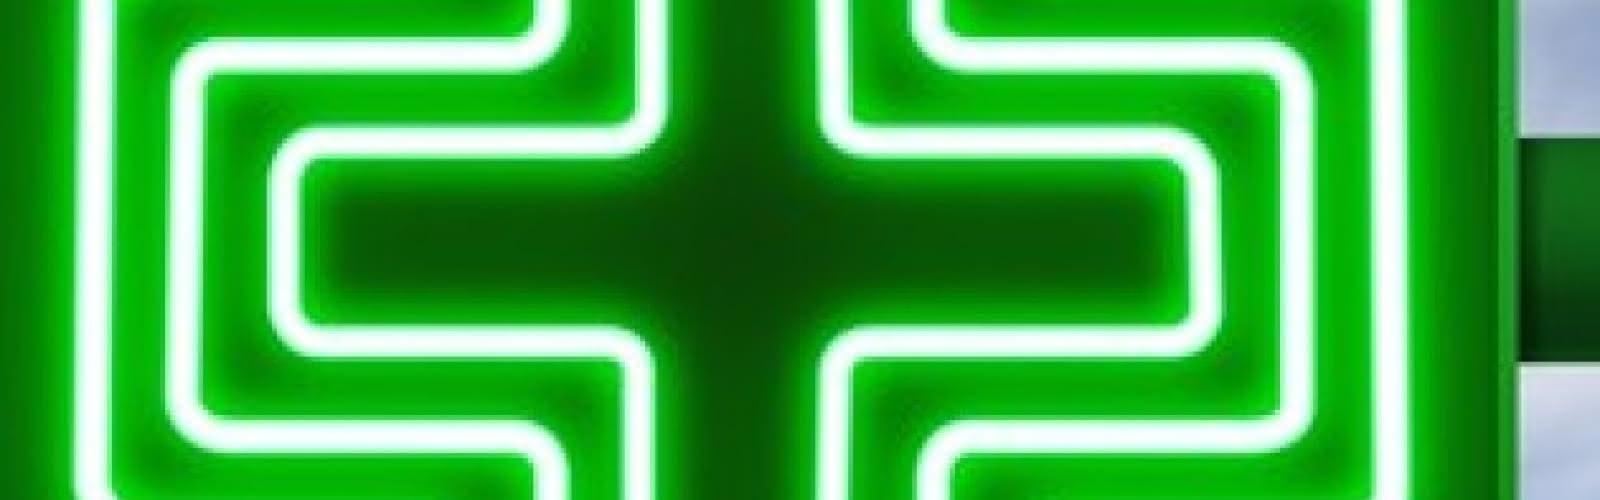 croix verte lumineuse